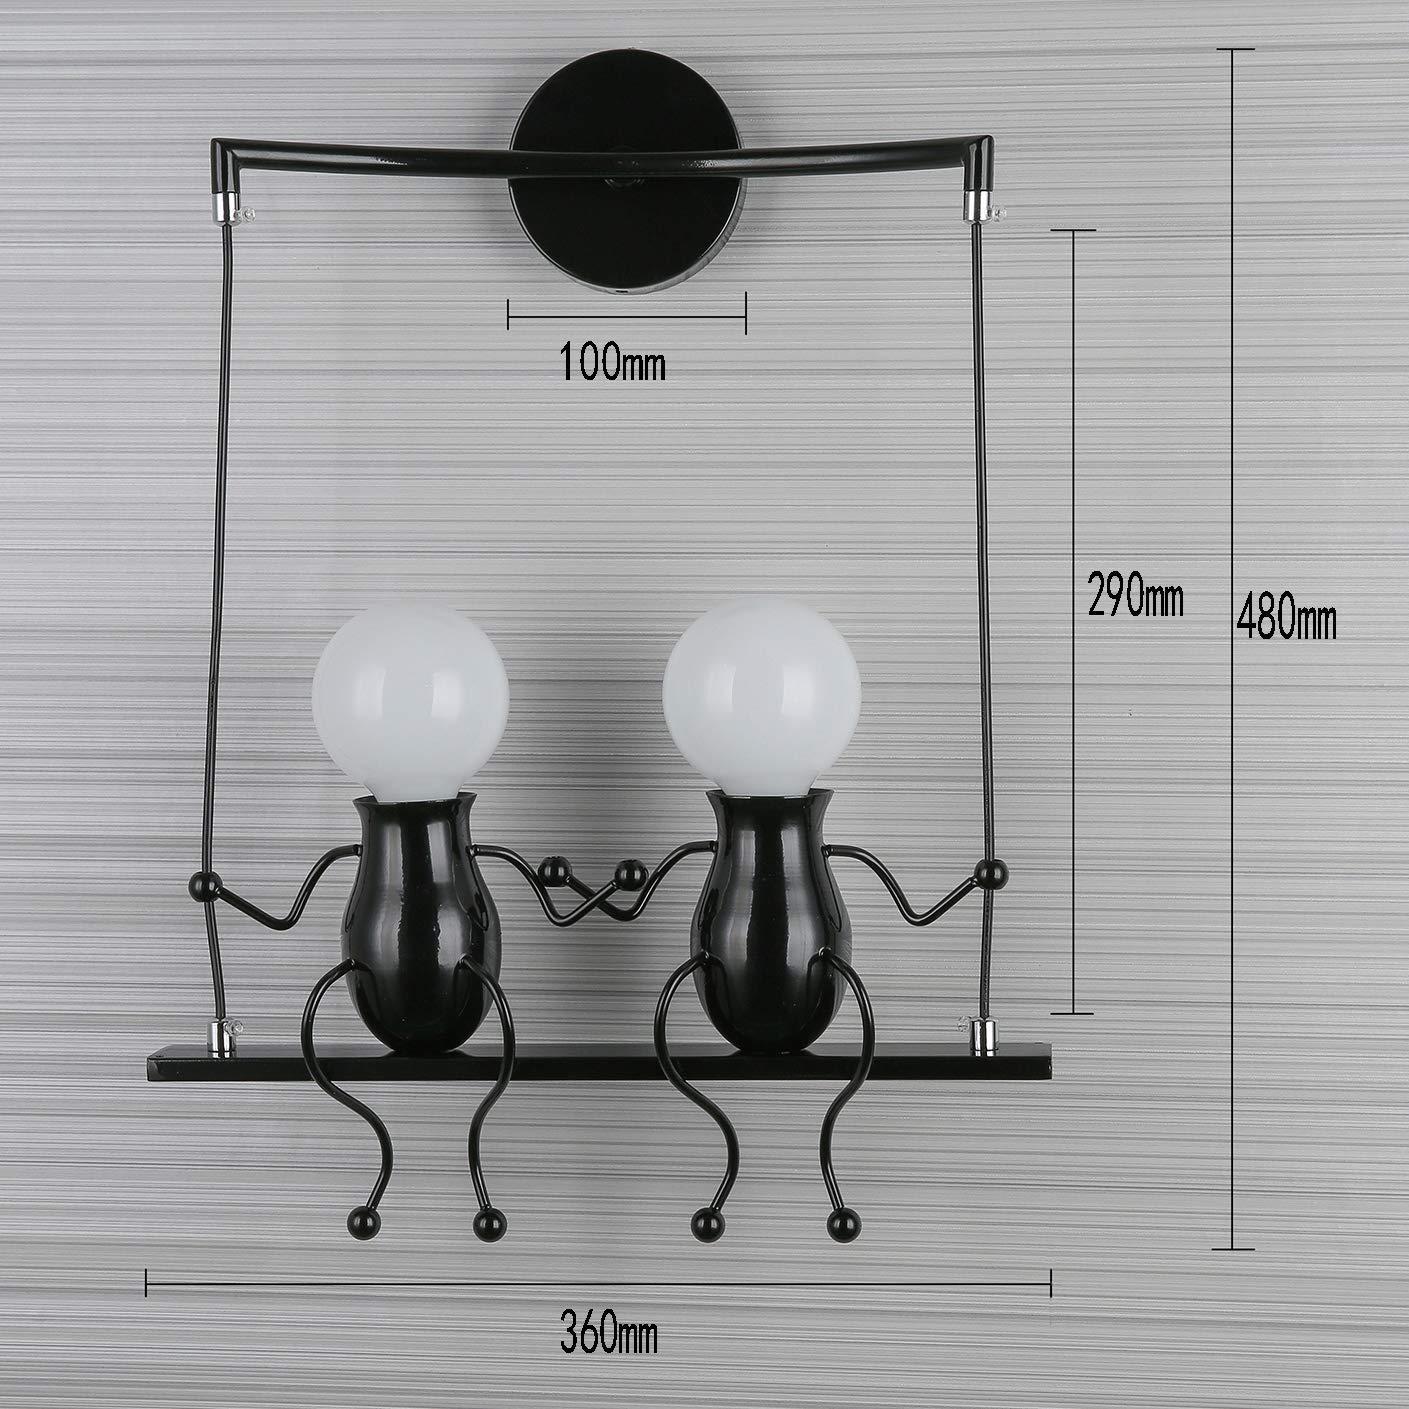 Wandleuchte Metall Wandlampe E27 E27 E27 Effektlampe Flurlampe Treppenleuchte Nachttischlampe Cartoon Lampe für Kinderzimmer Wohnzimmer Schlafzimmer Studiezimmer FlurHotels (Schwarz-2) 4e9a2a